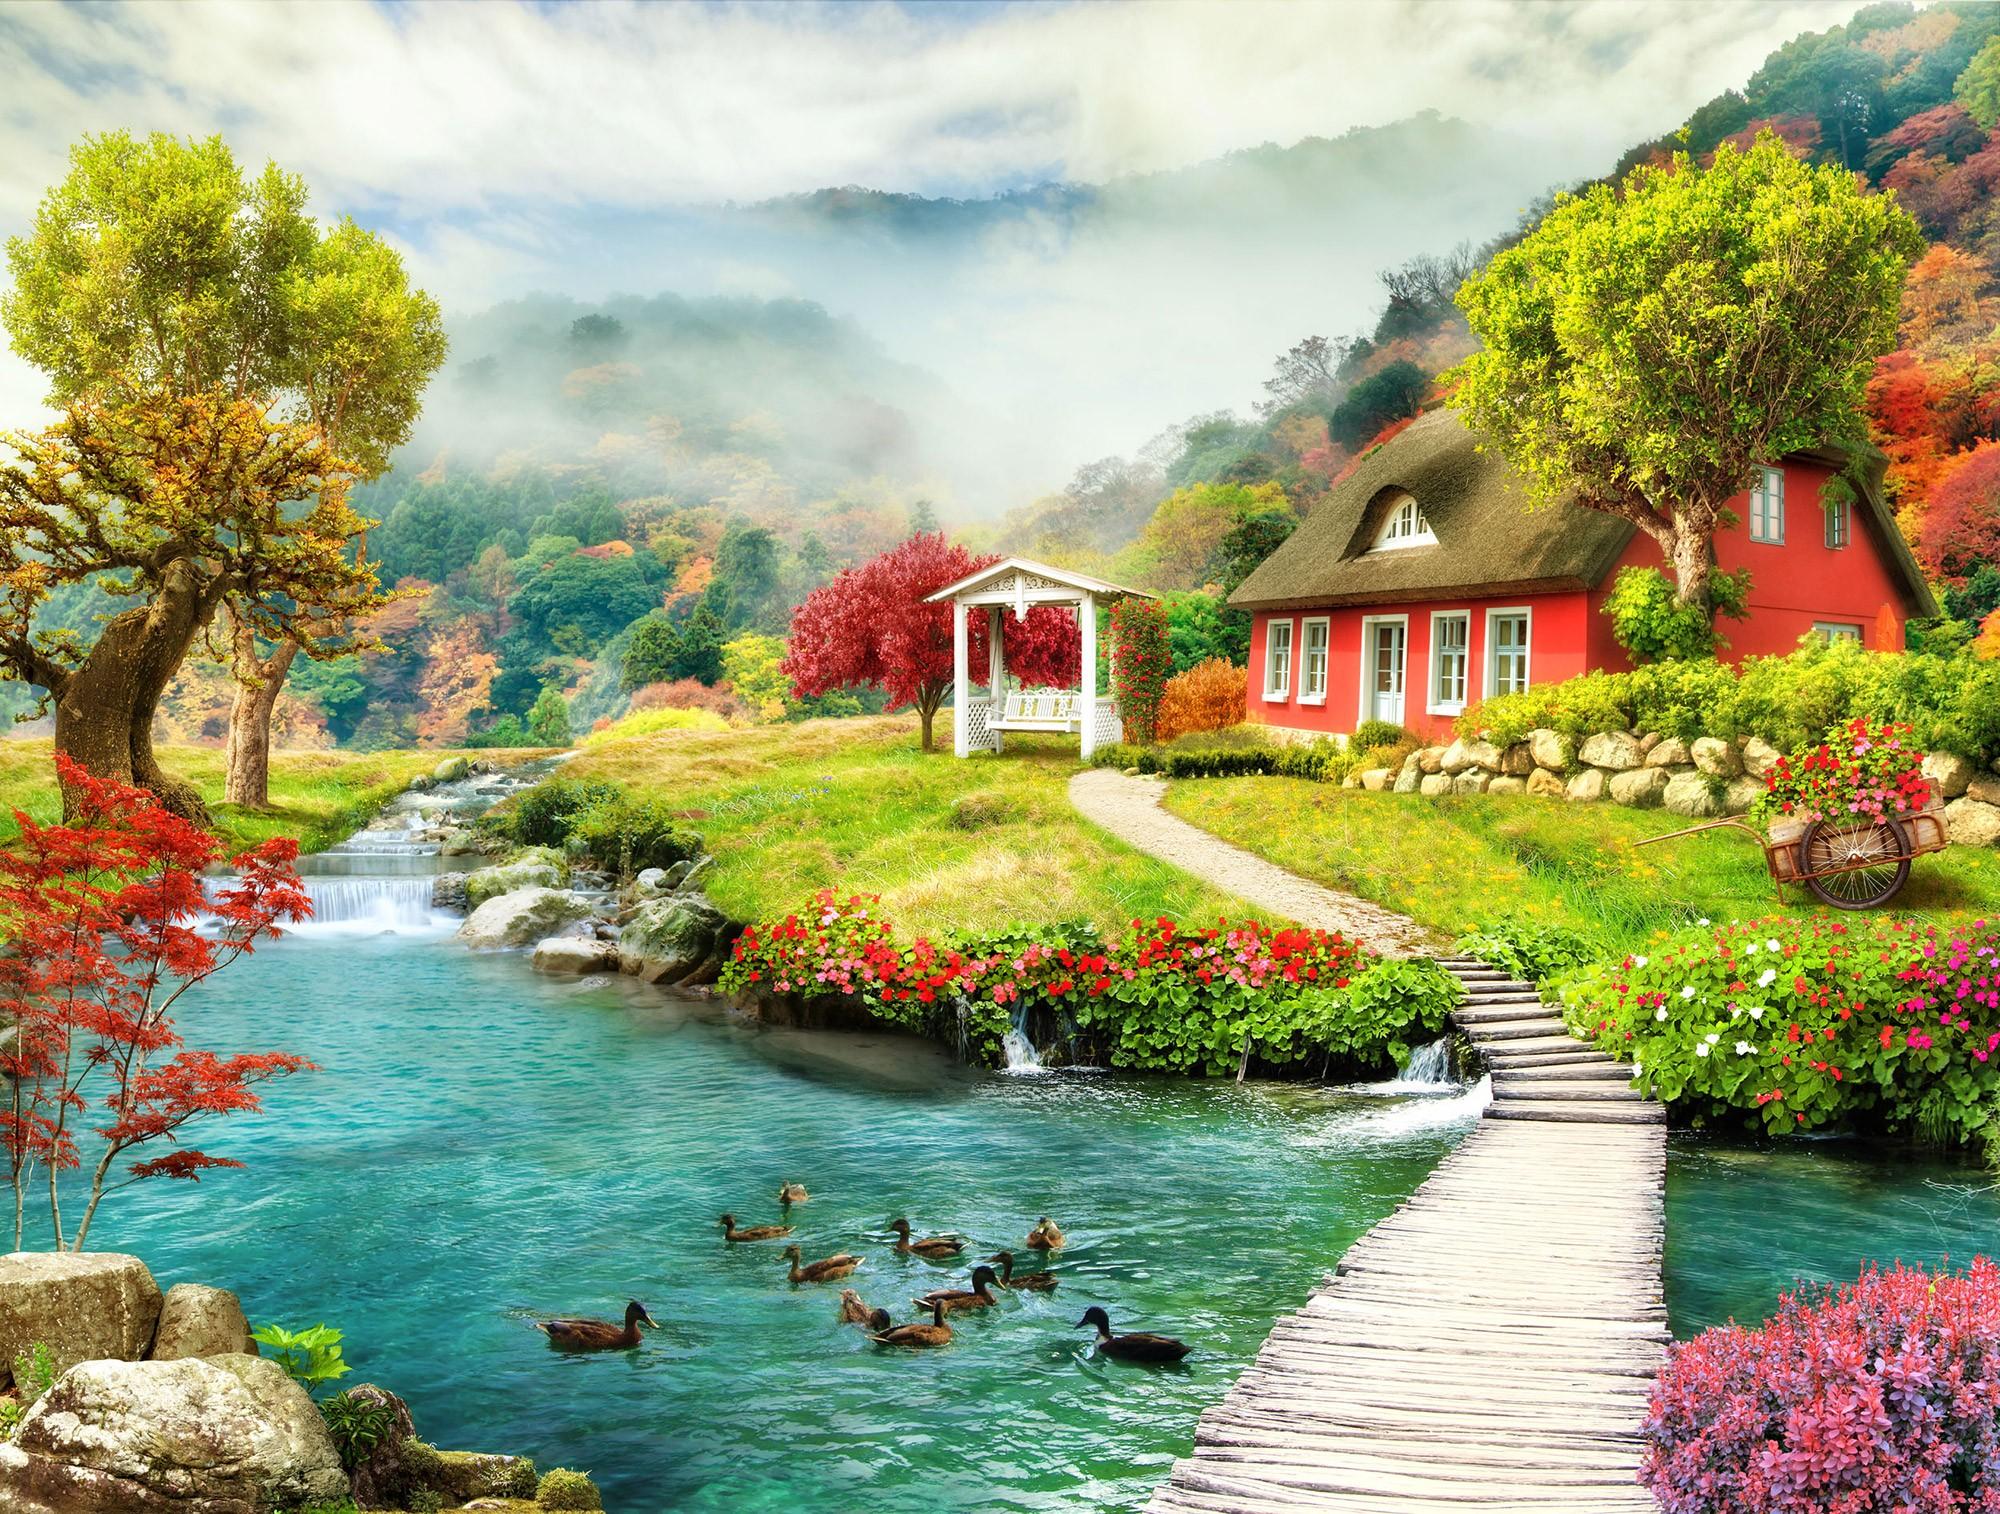 Papier peint vinyle: Cottage par la rivière